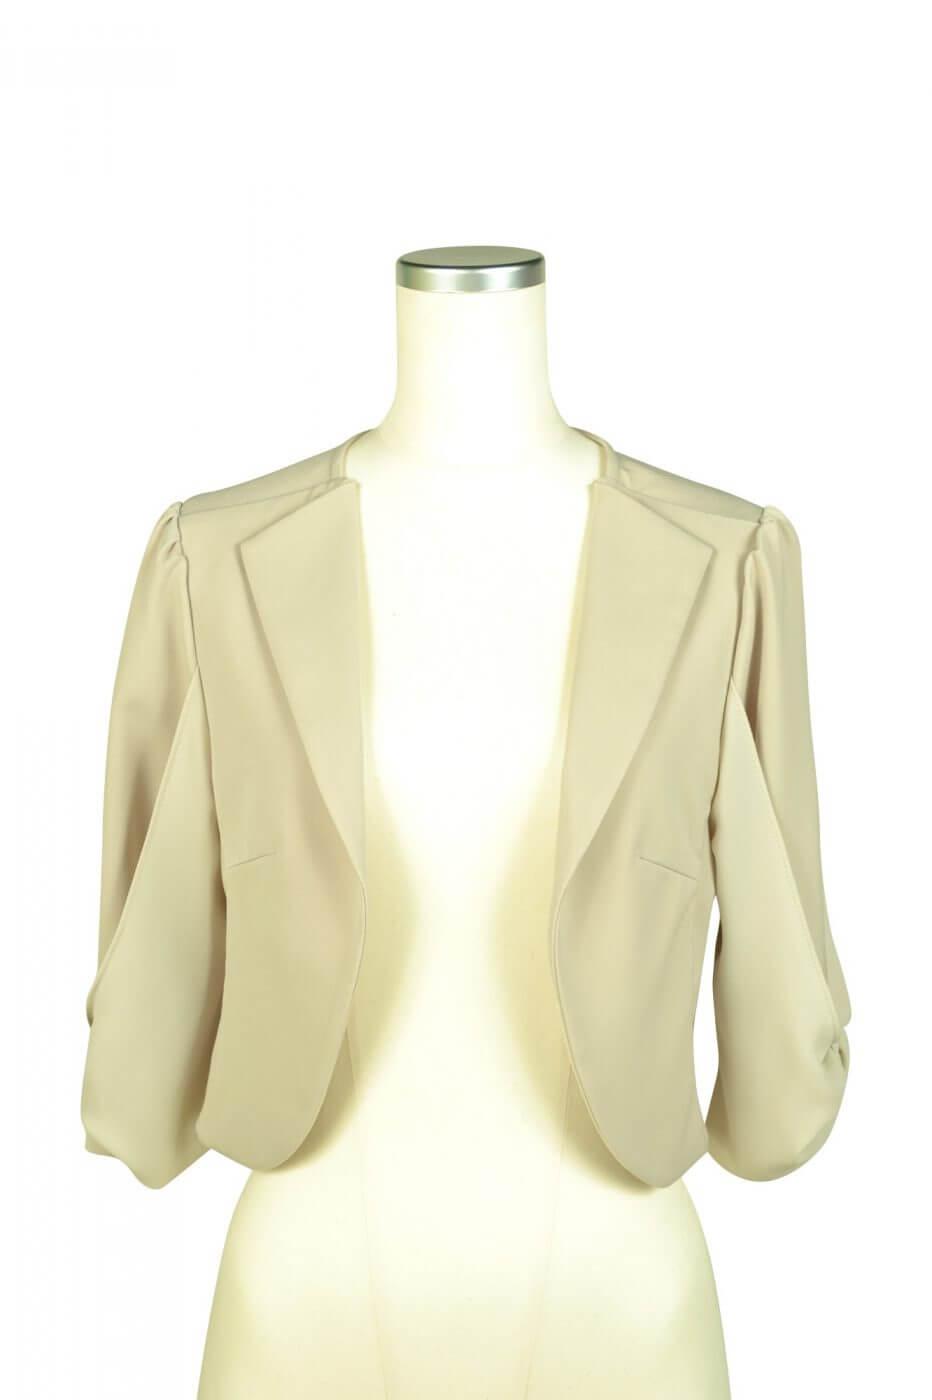 ミベル ミューズ(mebelle muse)袖リボン5分袖ベージュジャケット